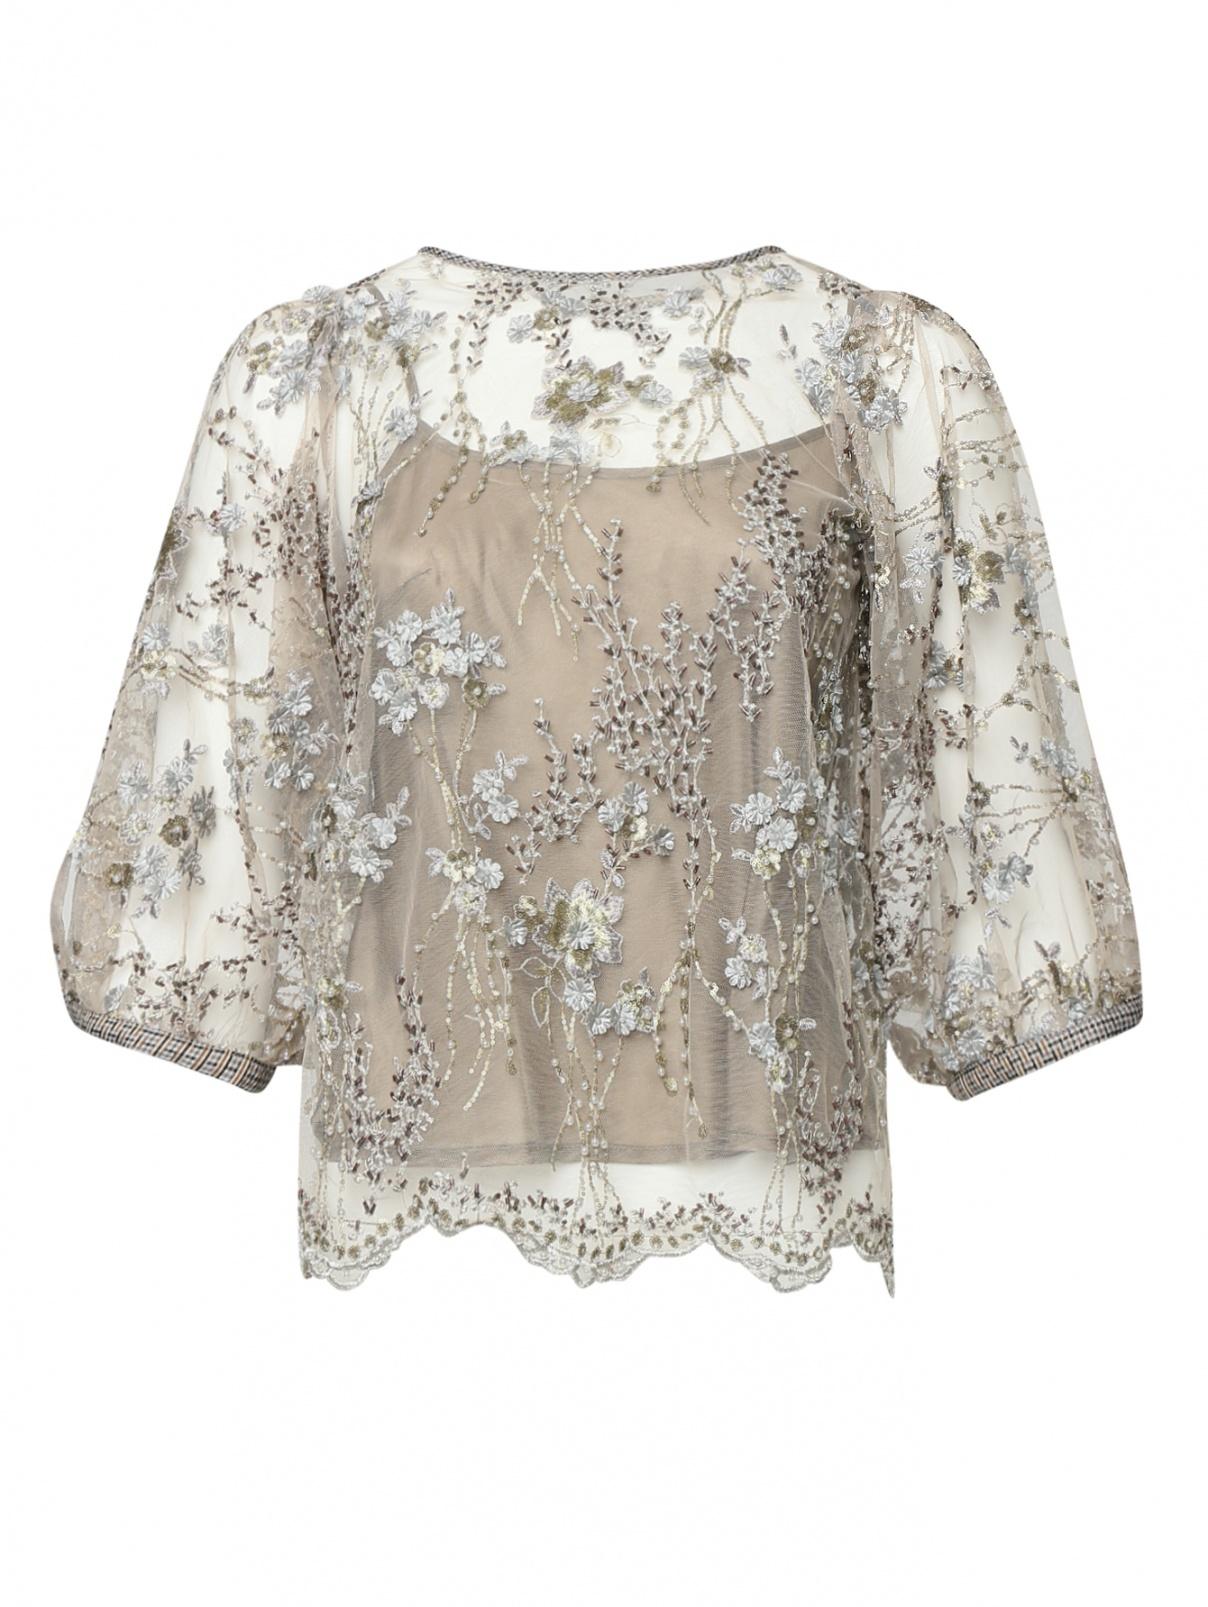 Блуза из сетки с вышивкой бисером и бусинами Antonio Marras  –  Общий вид